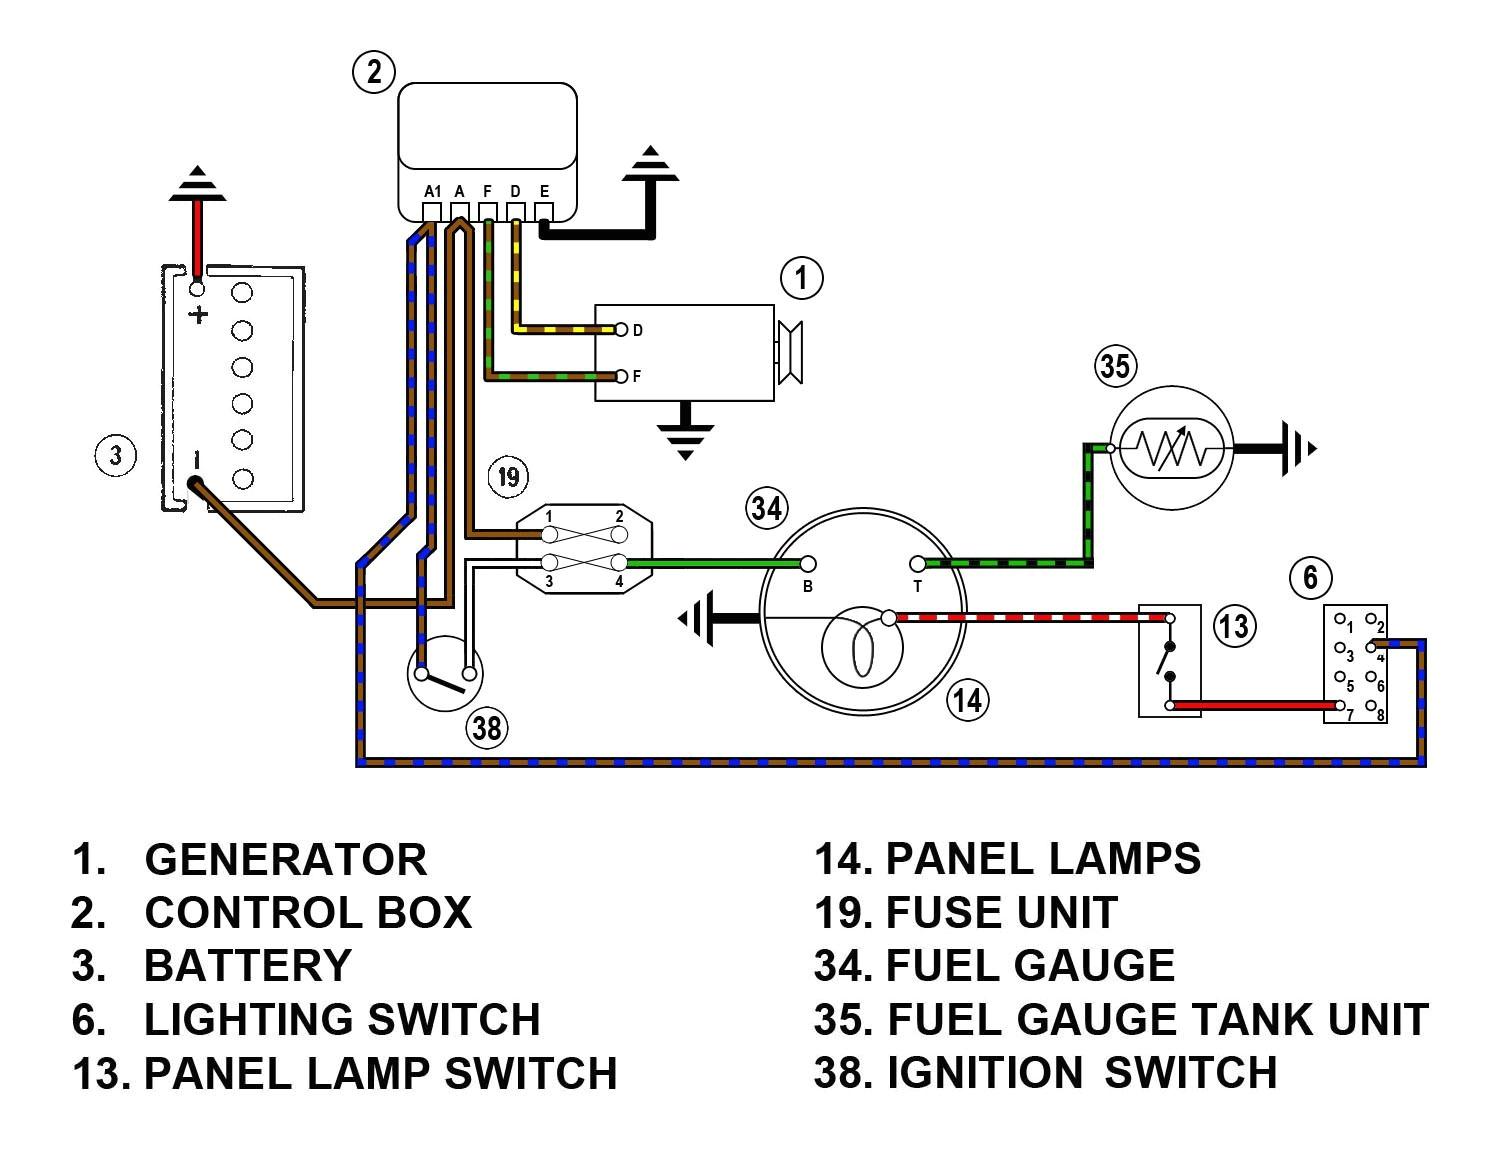 autometer volt gauge wiring unique wiring diagram auto gauge tachometer new autometer tach wiring of autometer volt gauge wiring jpg